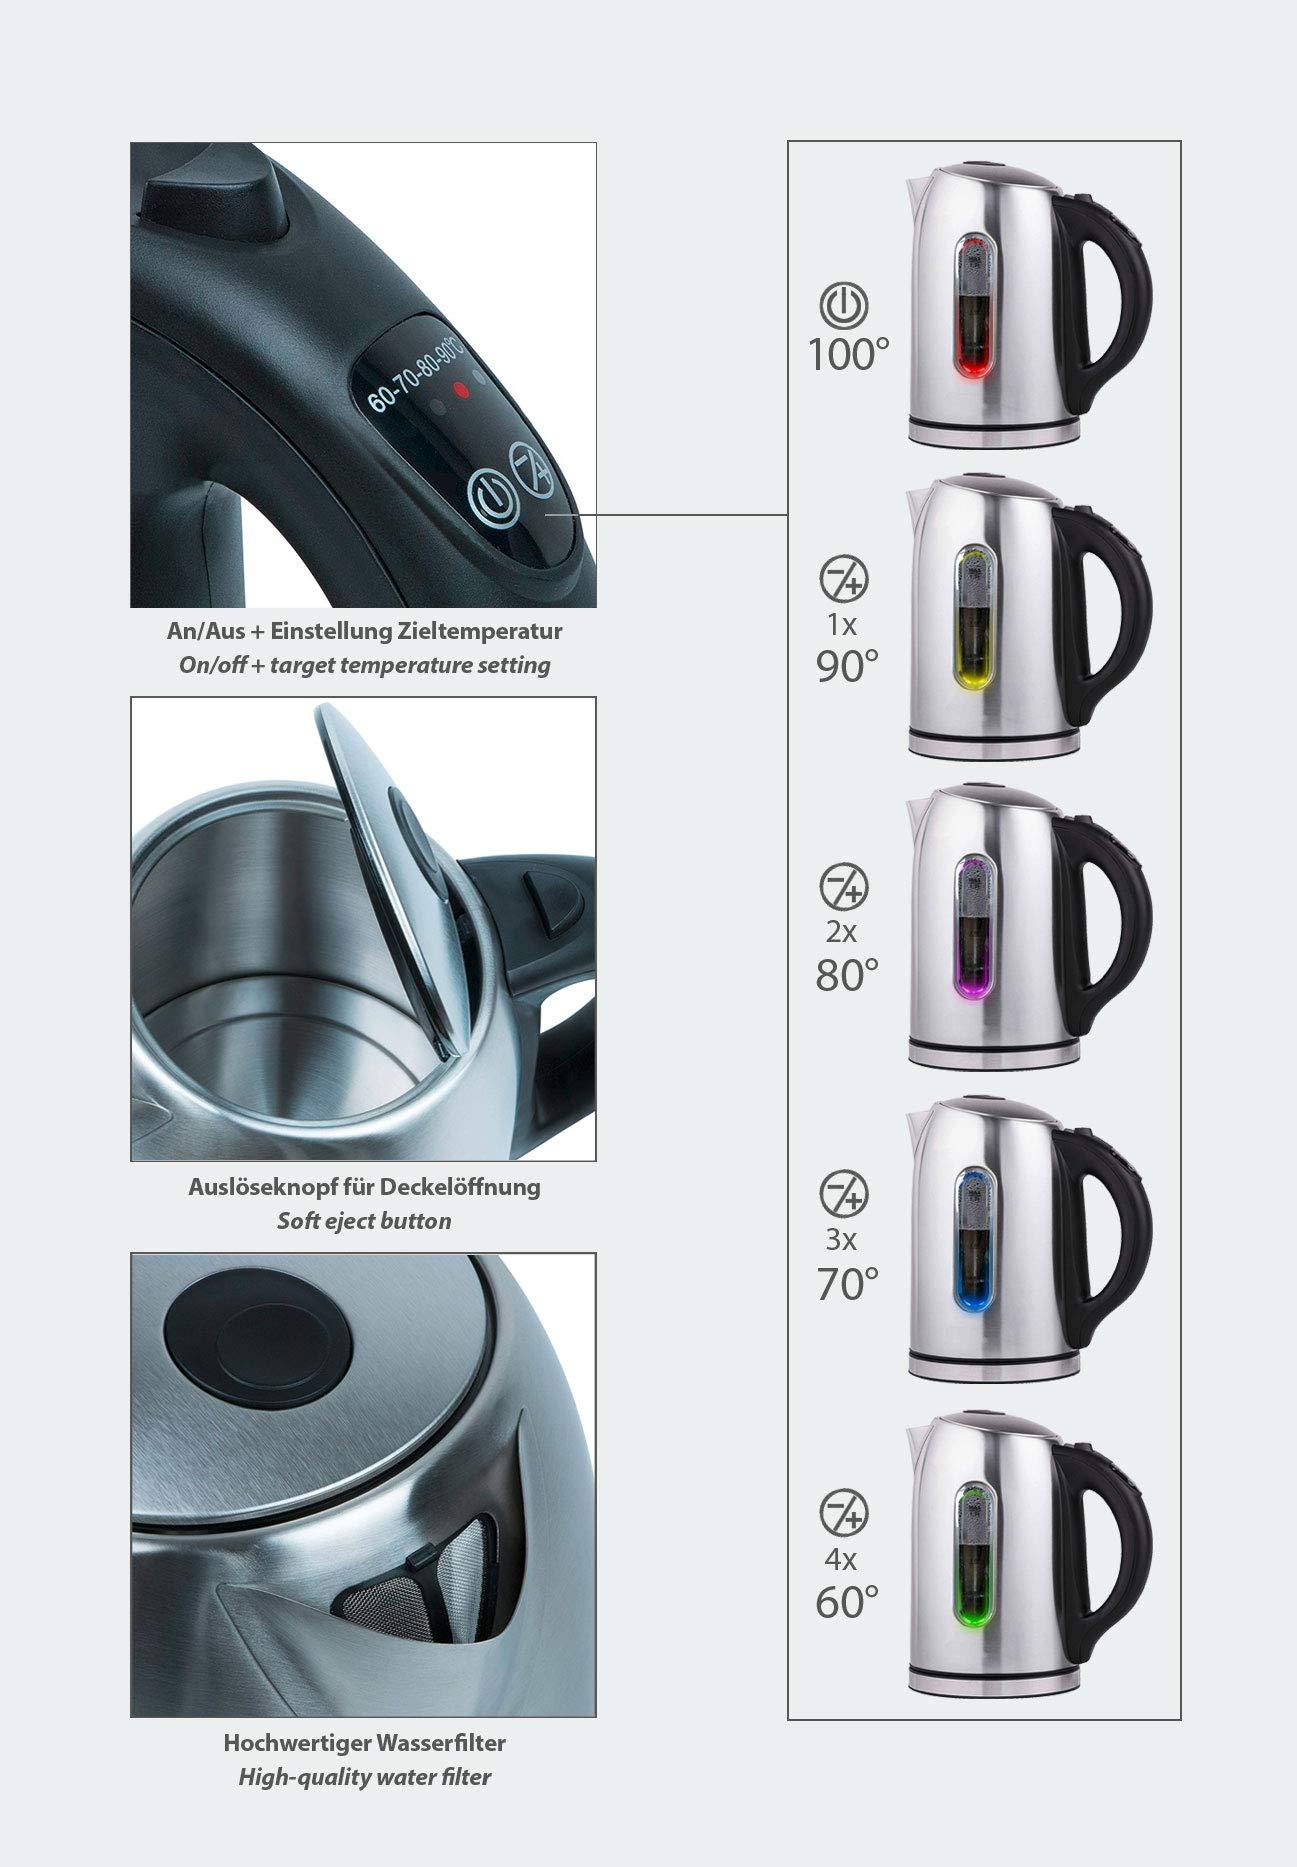 T24-Edelstahl-Wasserkocher-17-L-mit-Temperatureinstellung-2200W-LED-Beleuchtung-Farbe-je-nach-Temperaturwahl-2-Std-Warmhaltefunktion-Kalk-Filter